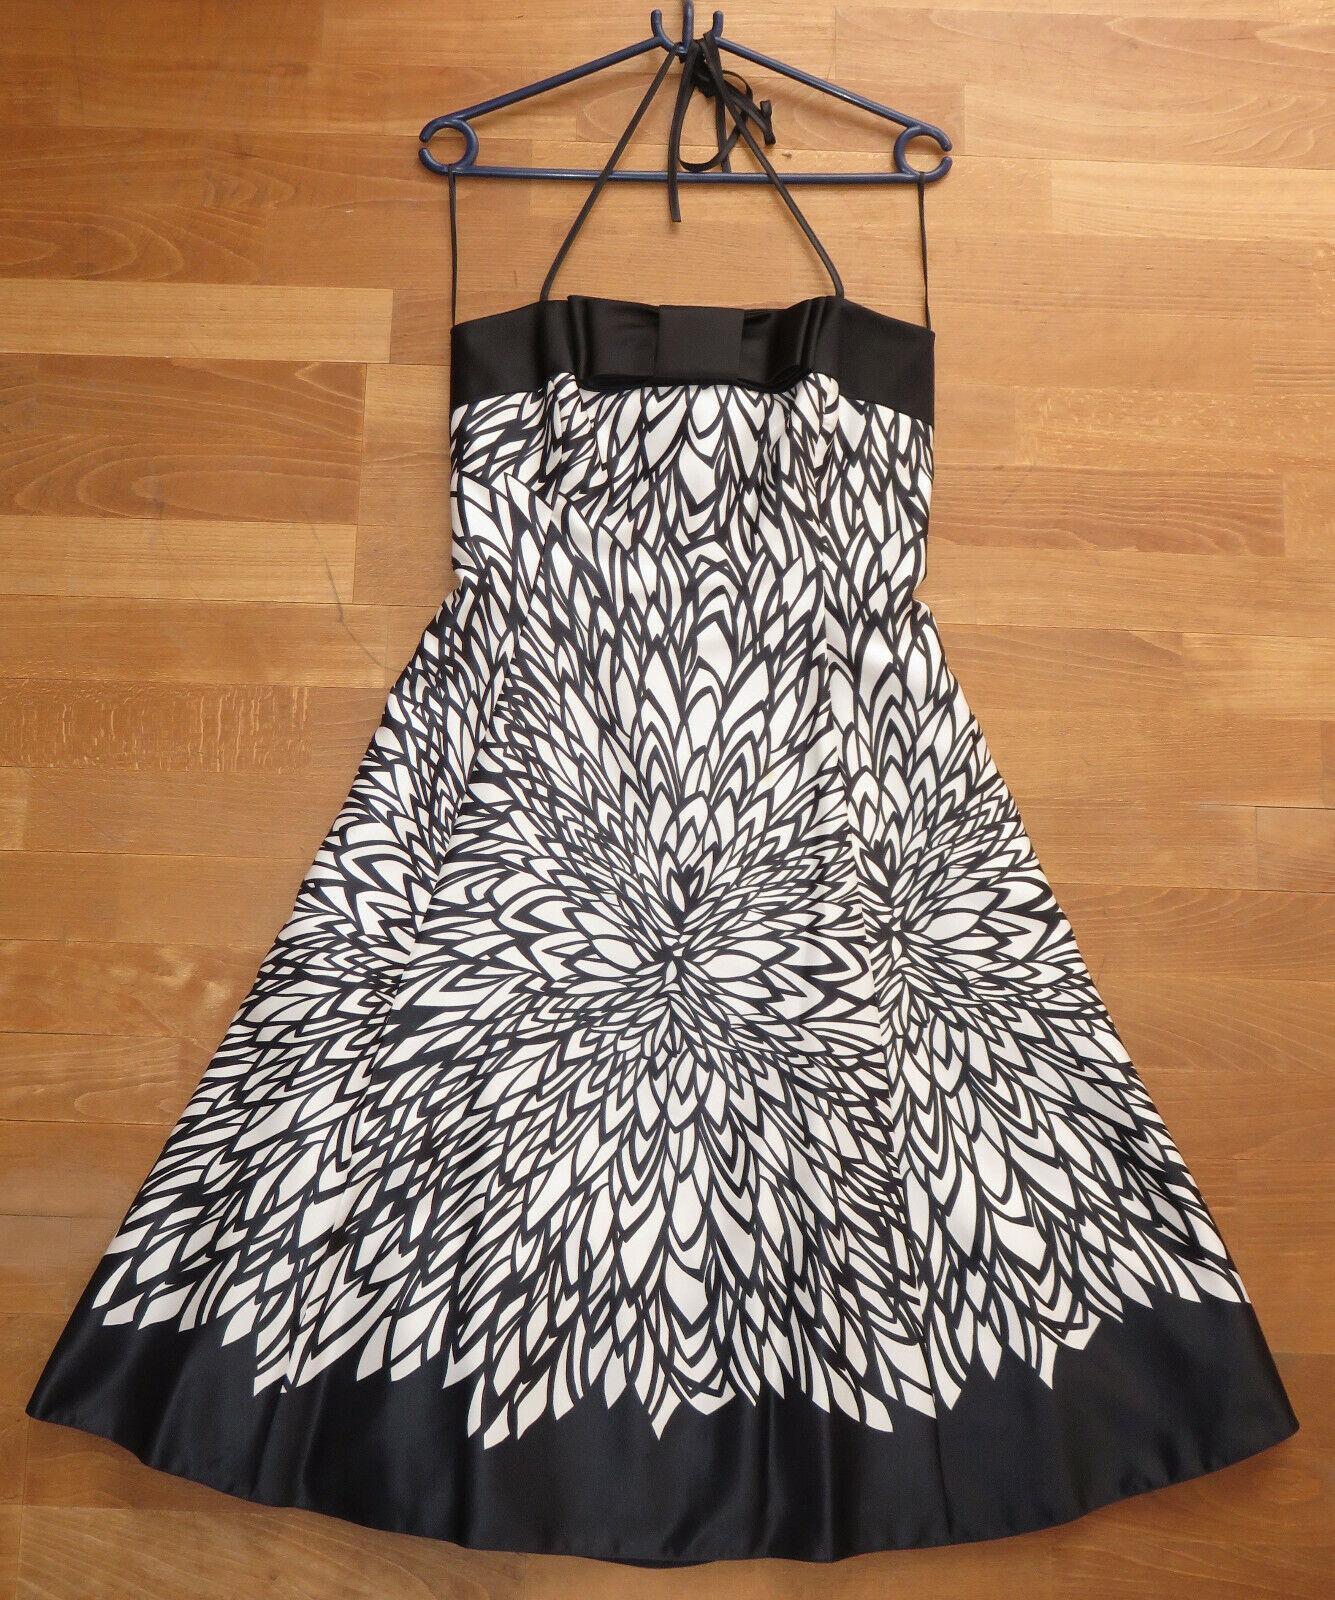 7373a7dc5c058a Abend-Kleid Gr. 36 - knielang - einmal getragen - wie neu nur schwarz-weiß  nsakaa2402-neue Kleidung